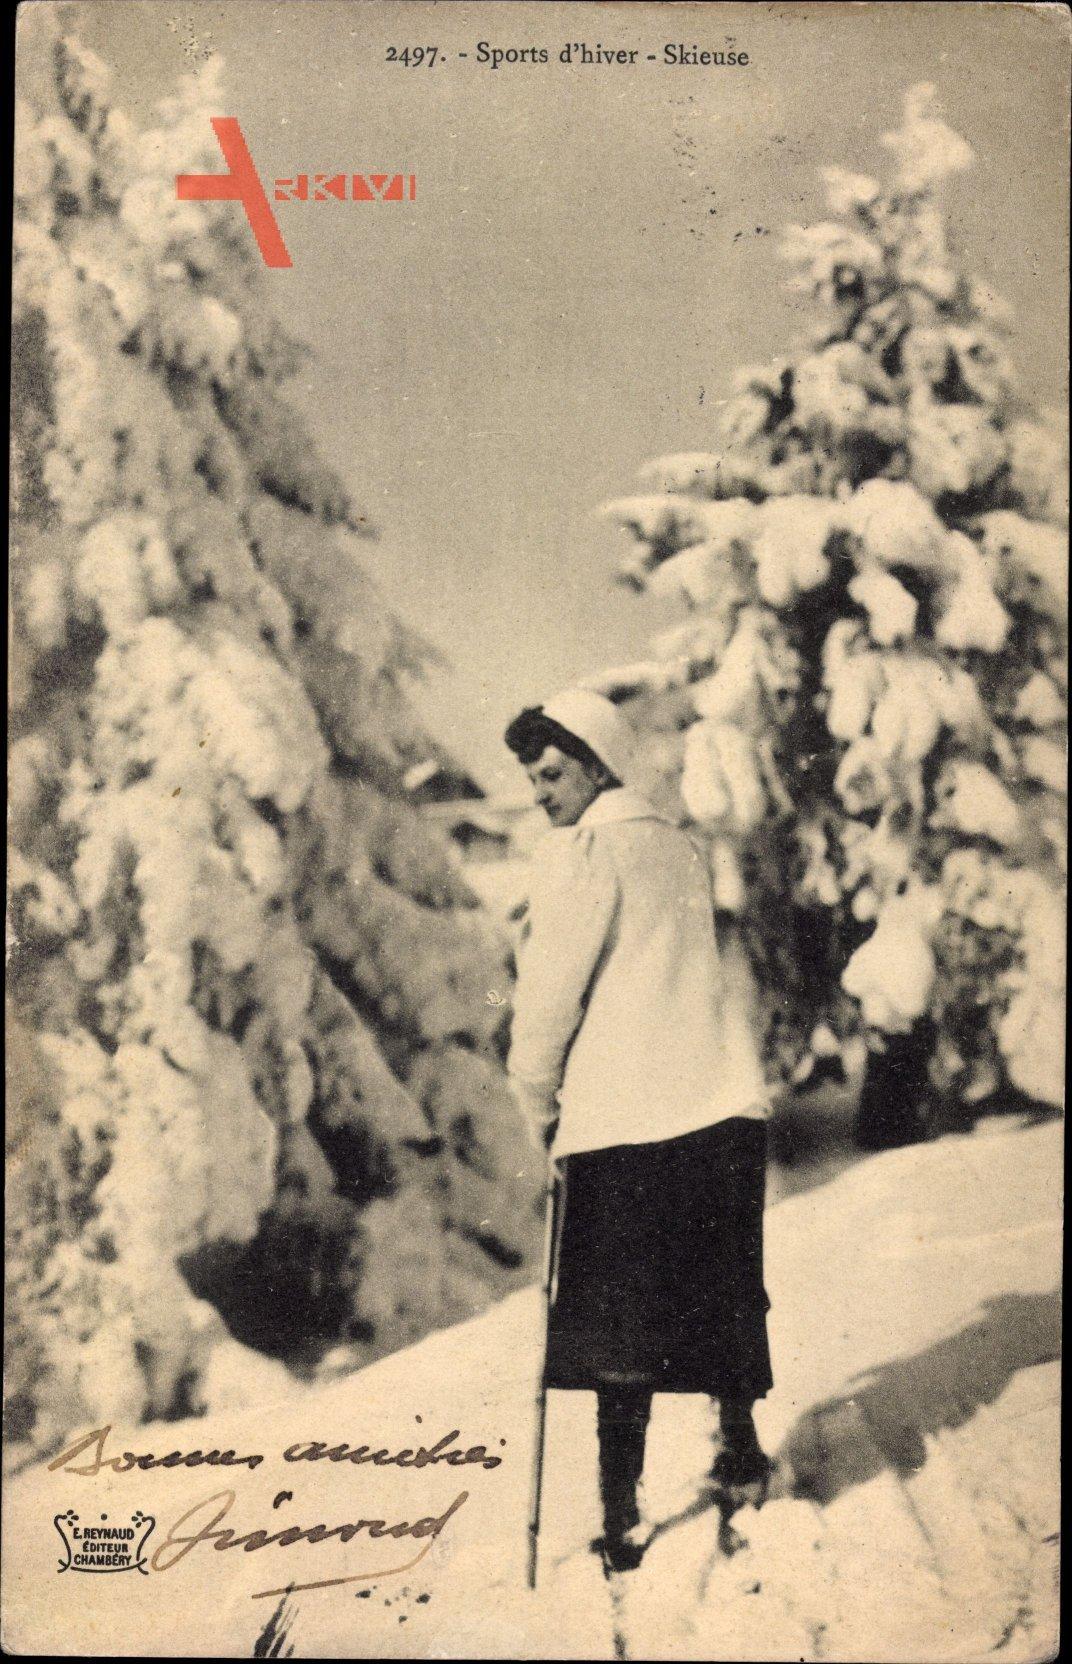 Sports dhiver, Skieuse, Skiläuferin, Winter, Schnee